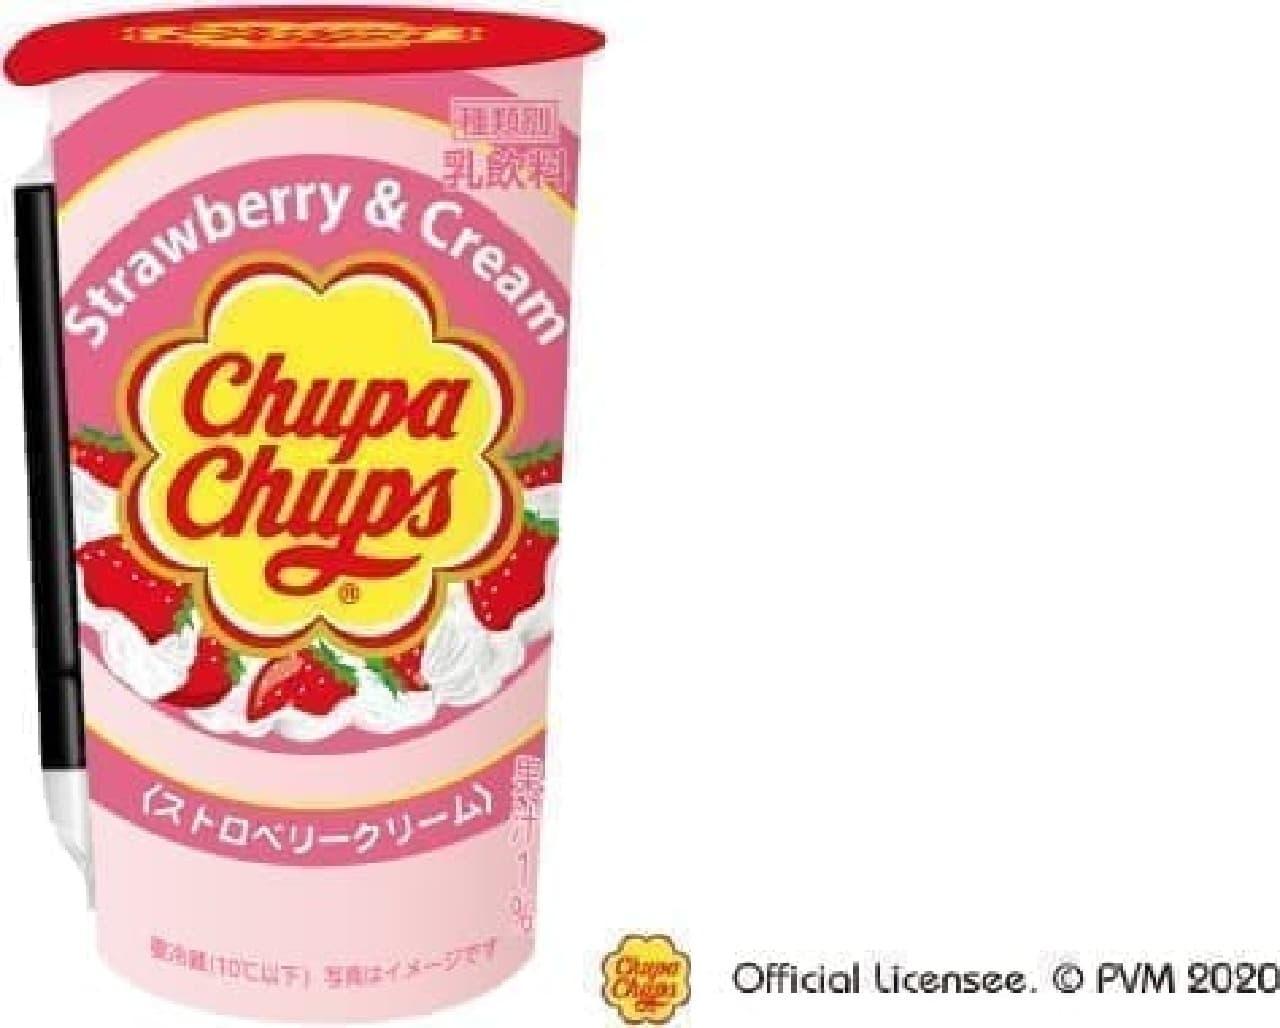 チルドカップ飲料「チュッパチャプス ストロベリークリーム」